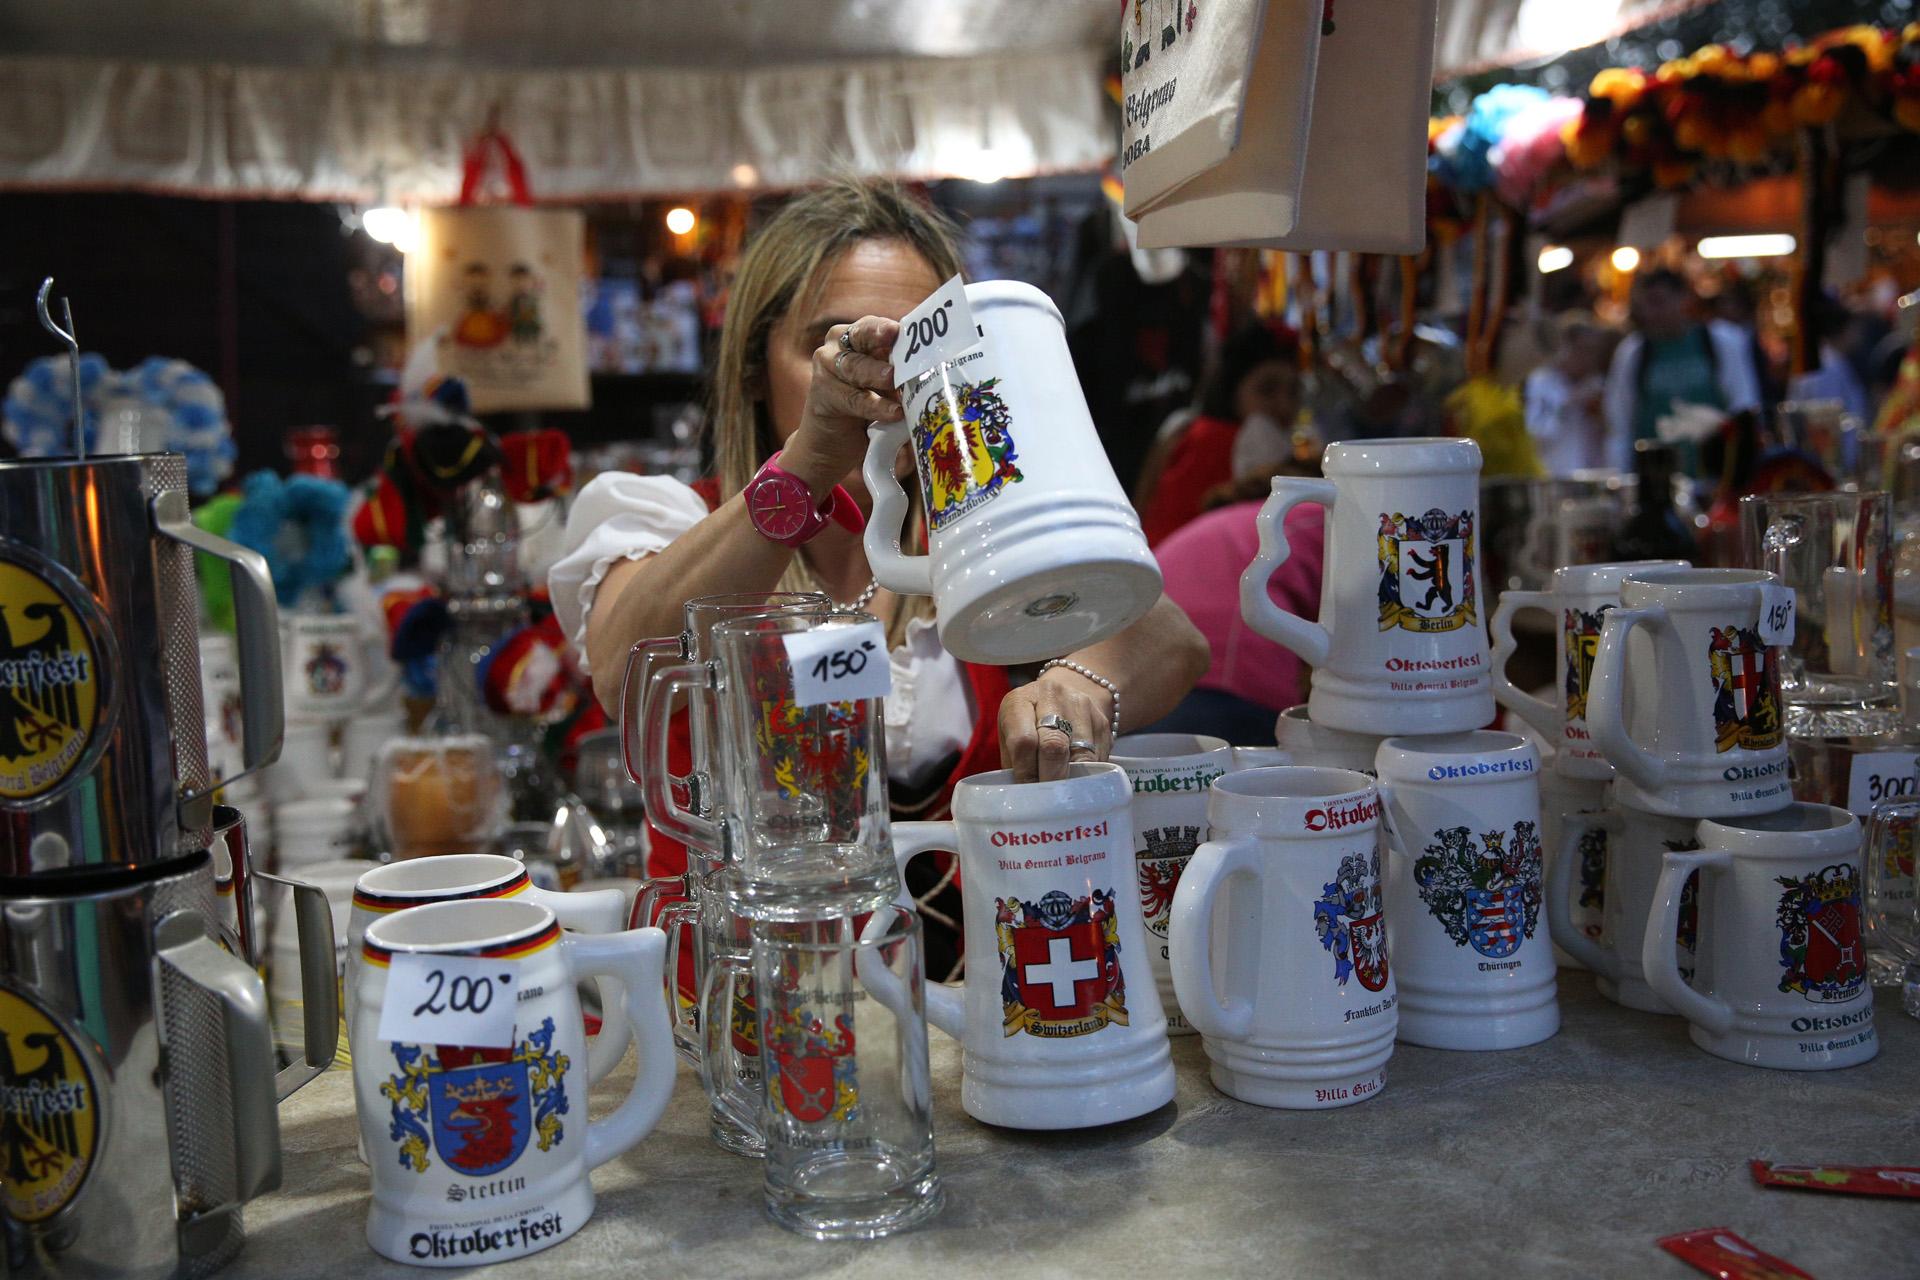 La fiesta más popular de la cerveza se festeja en Villa General Belgrano, Córdoba